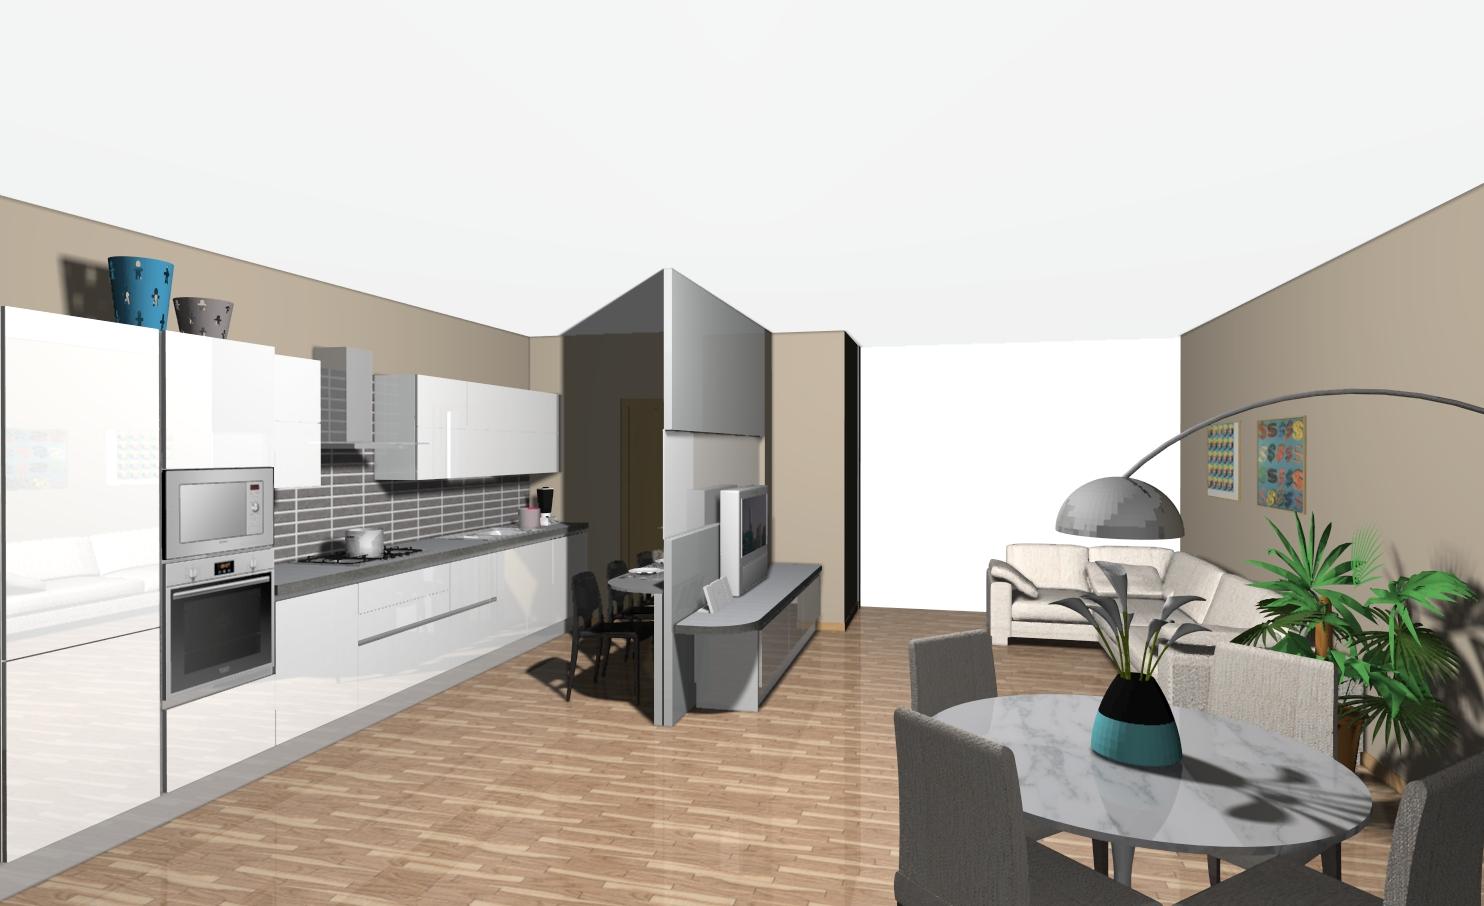 veneta cucine | non solo mobili - Cucina E Soggiorno Unico Ambiente Piccolo